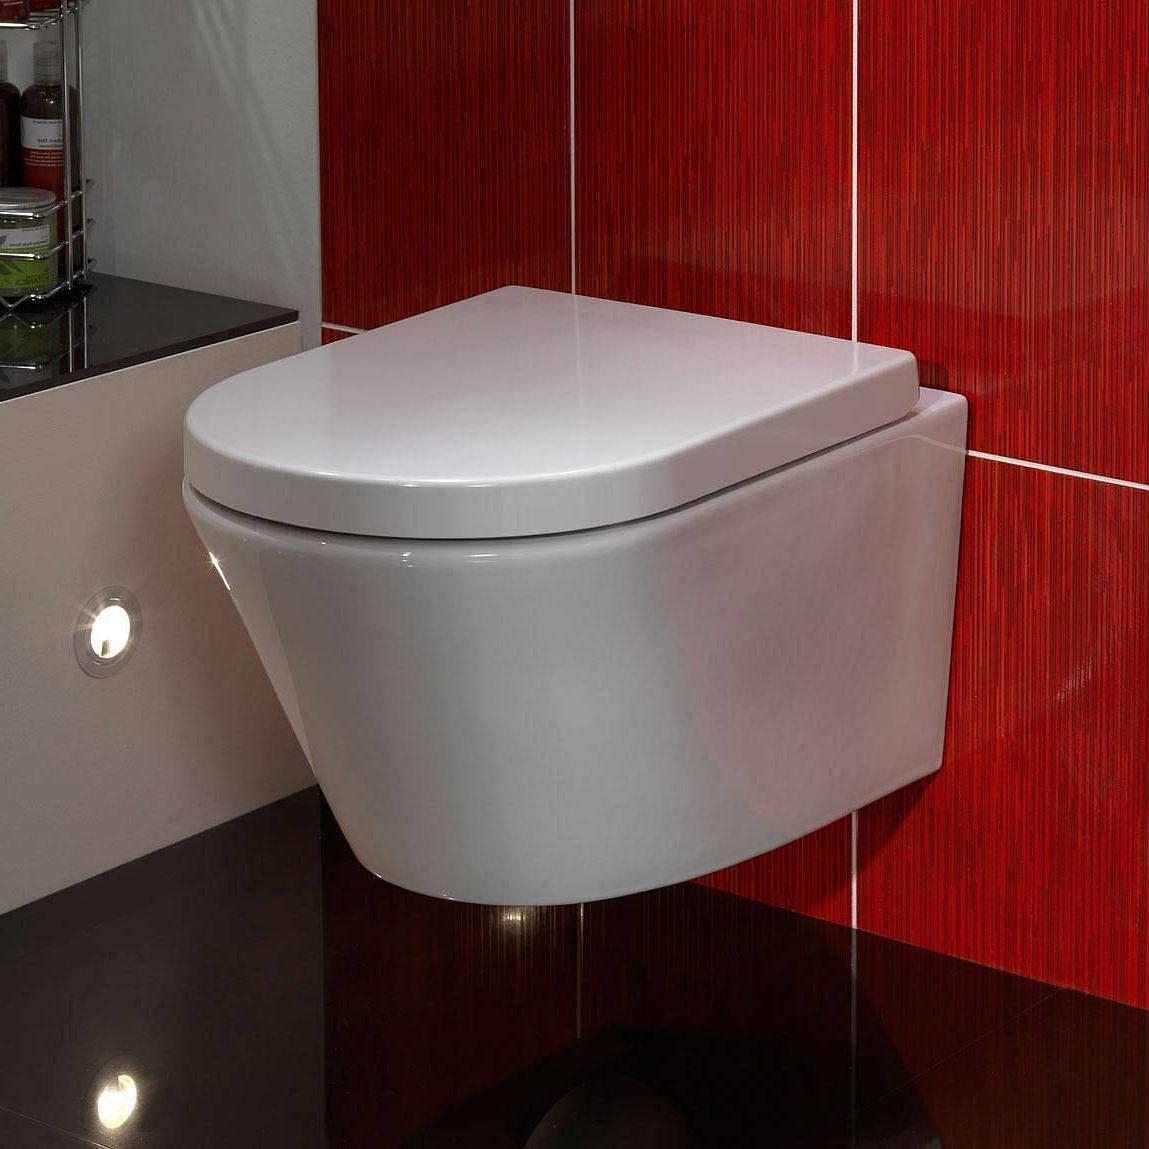 Bathroom , Sleek Bathroom Design with Wall Mounted Toilet : Red Bedroom  Walls With Wall Mounted - Bathroom , Sleek Bathroom Design With Wall Mounted Toilet : Red